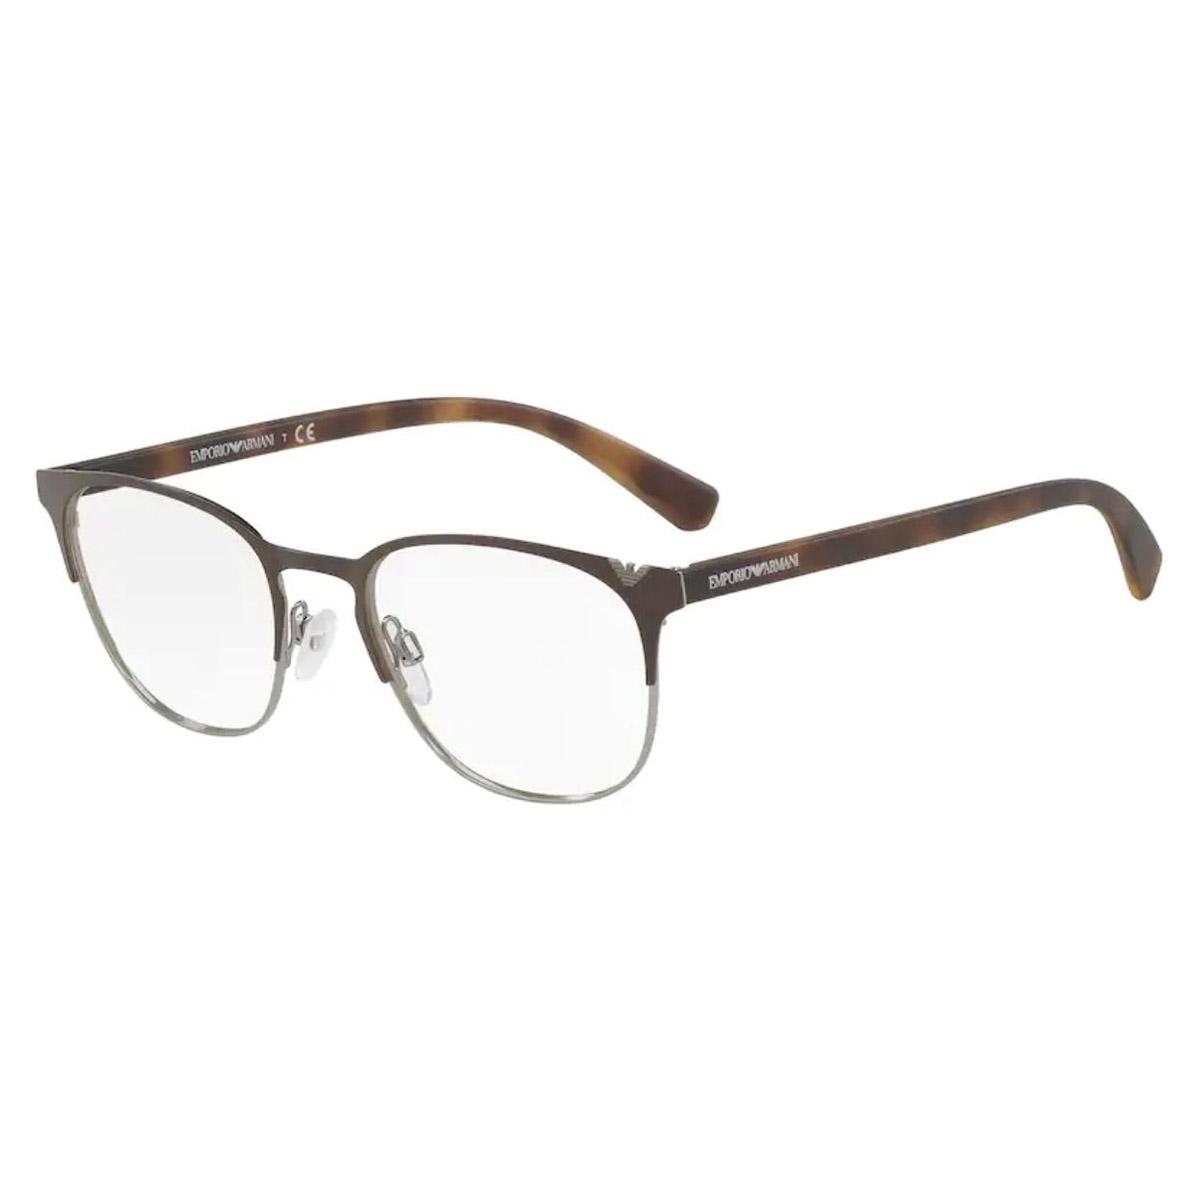 Óculos de Grau Empório Armani Redondo EA1059 Marrom Fosco